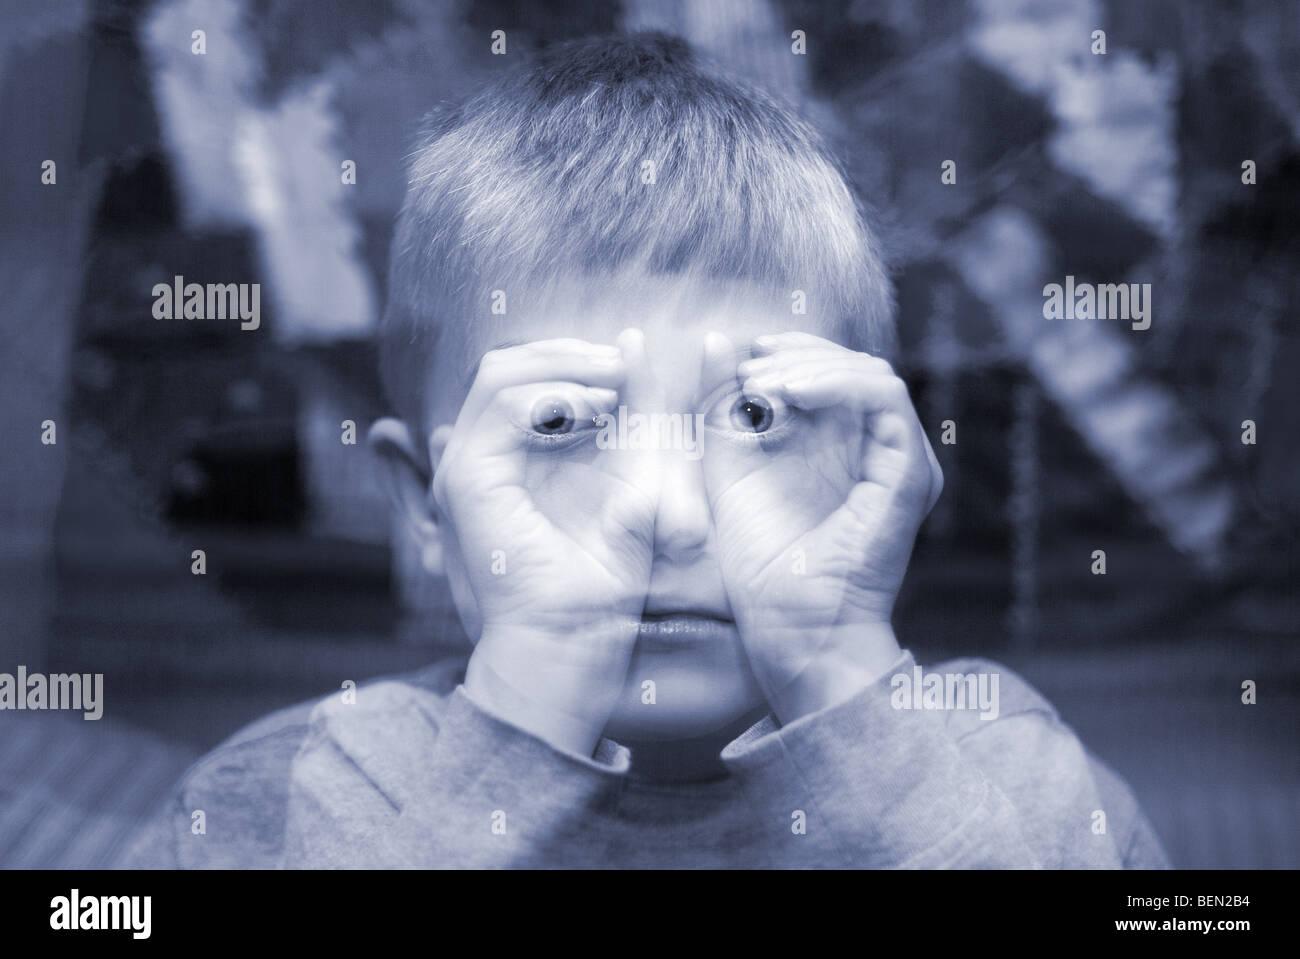 Kind macht imaginäre Fernglas mit Händen in eine ätherische Doppelbelichtung Stockbild